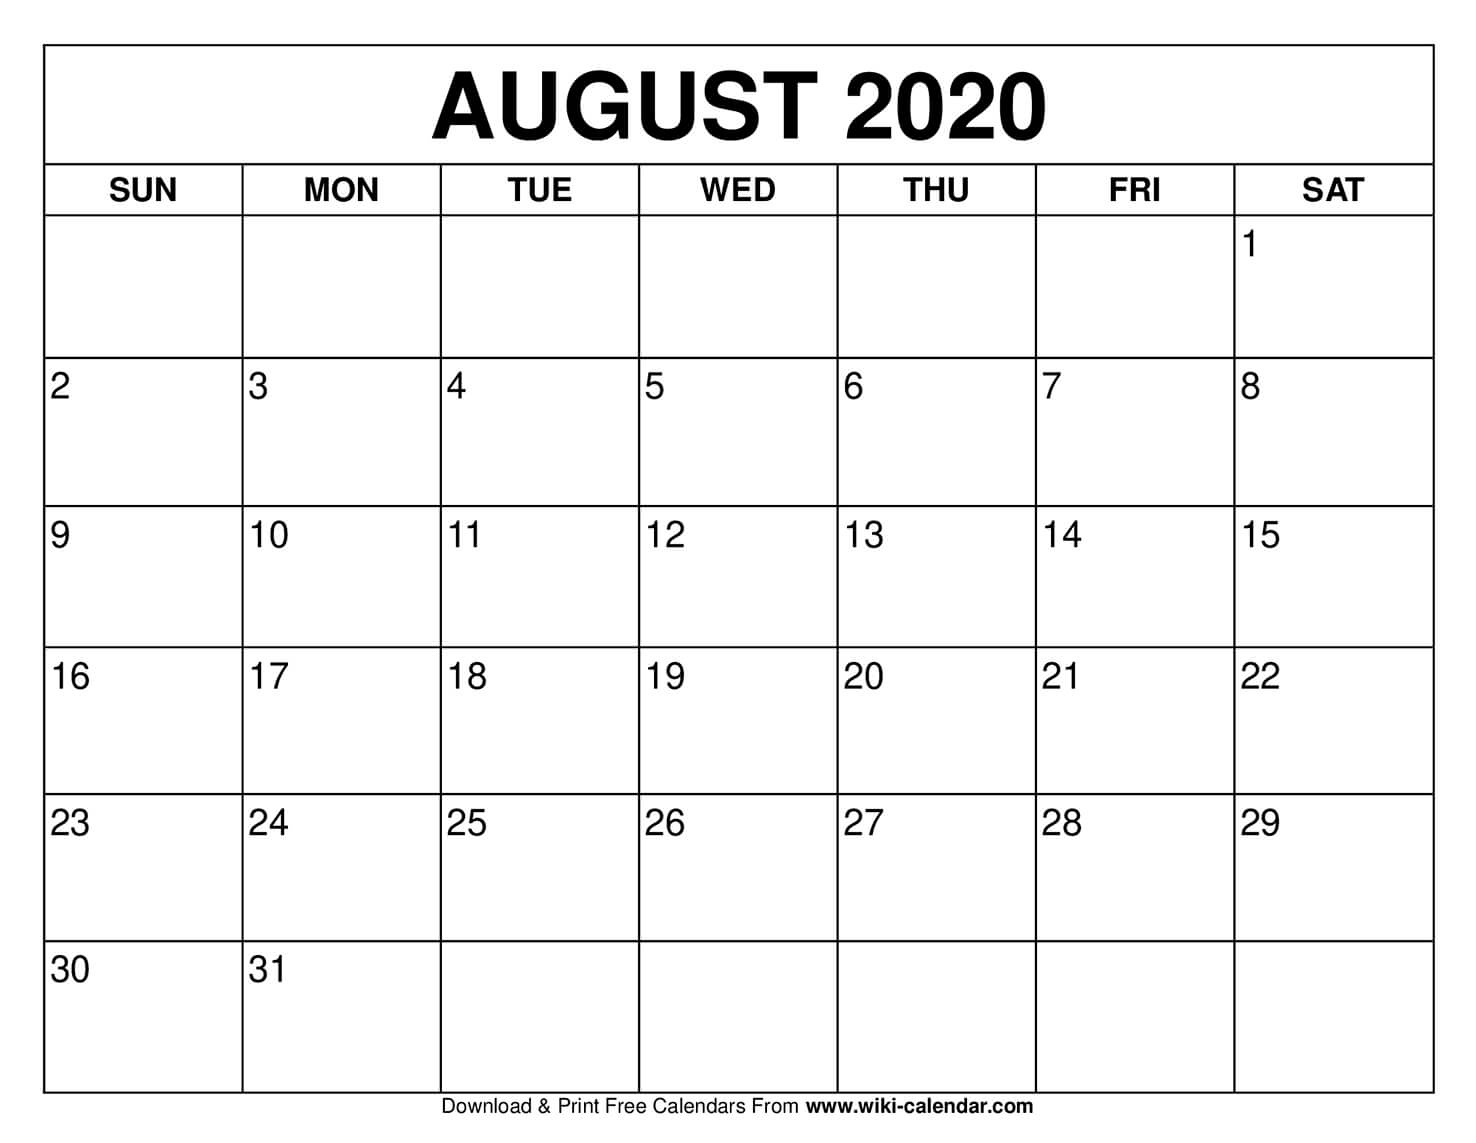 August 2020 Activity Calendar